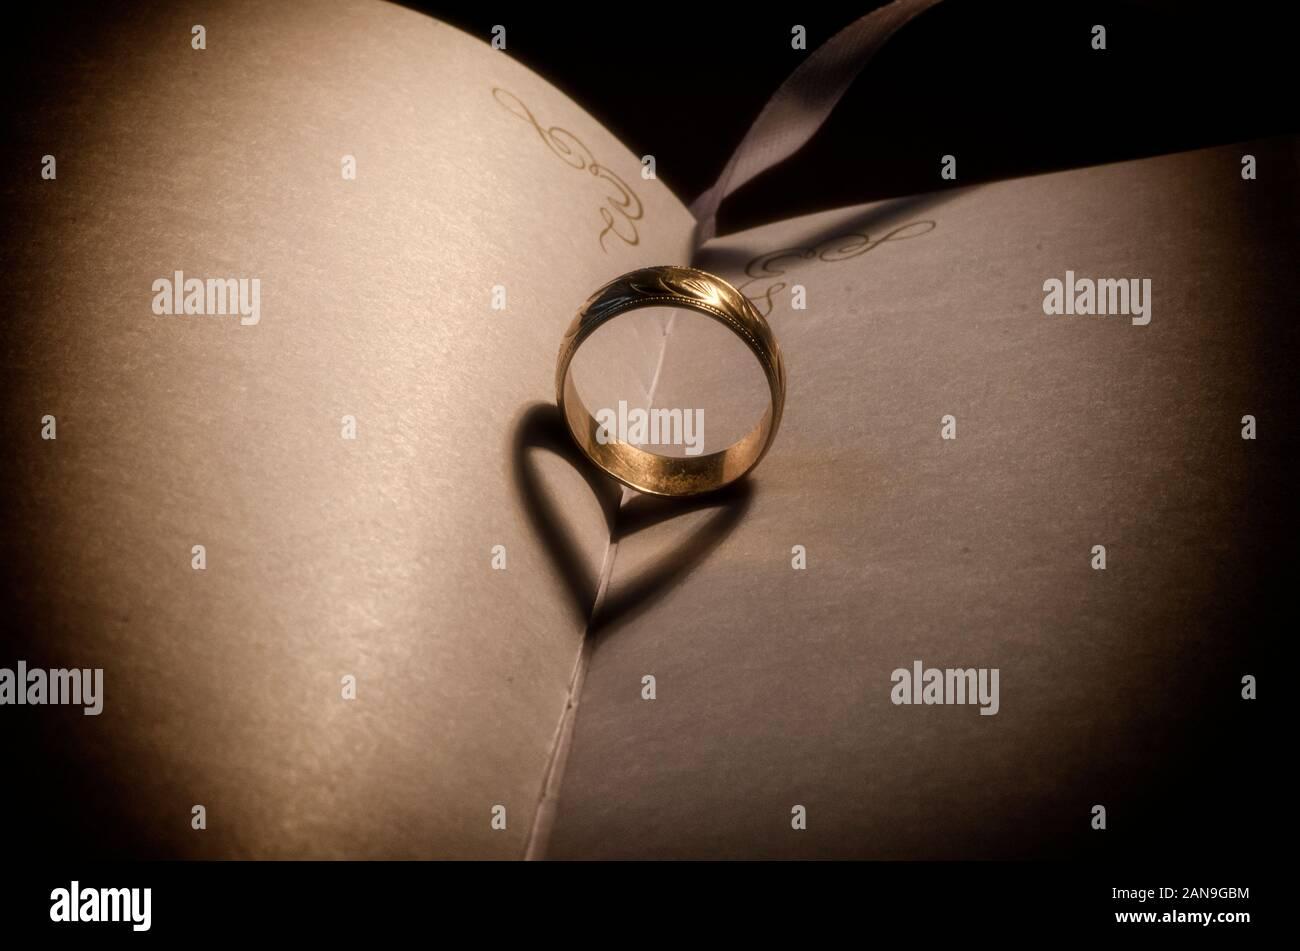 Gold Hochzeit Ring Schatten macht valentine Herzen, auf einem alten Buch, warmes Licht gegossen goldenen Ring Schatten. valentinstag - Ring Schatten Stockfoto